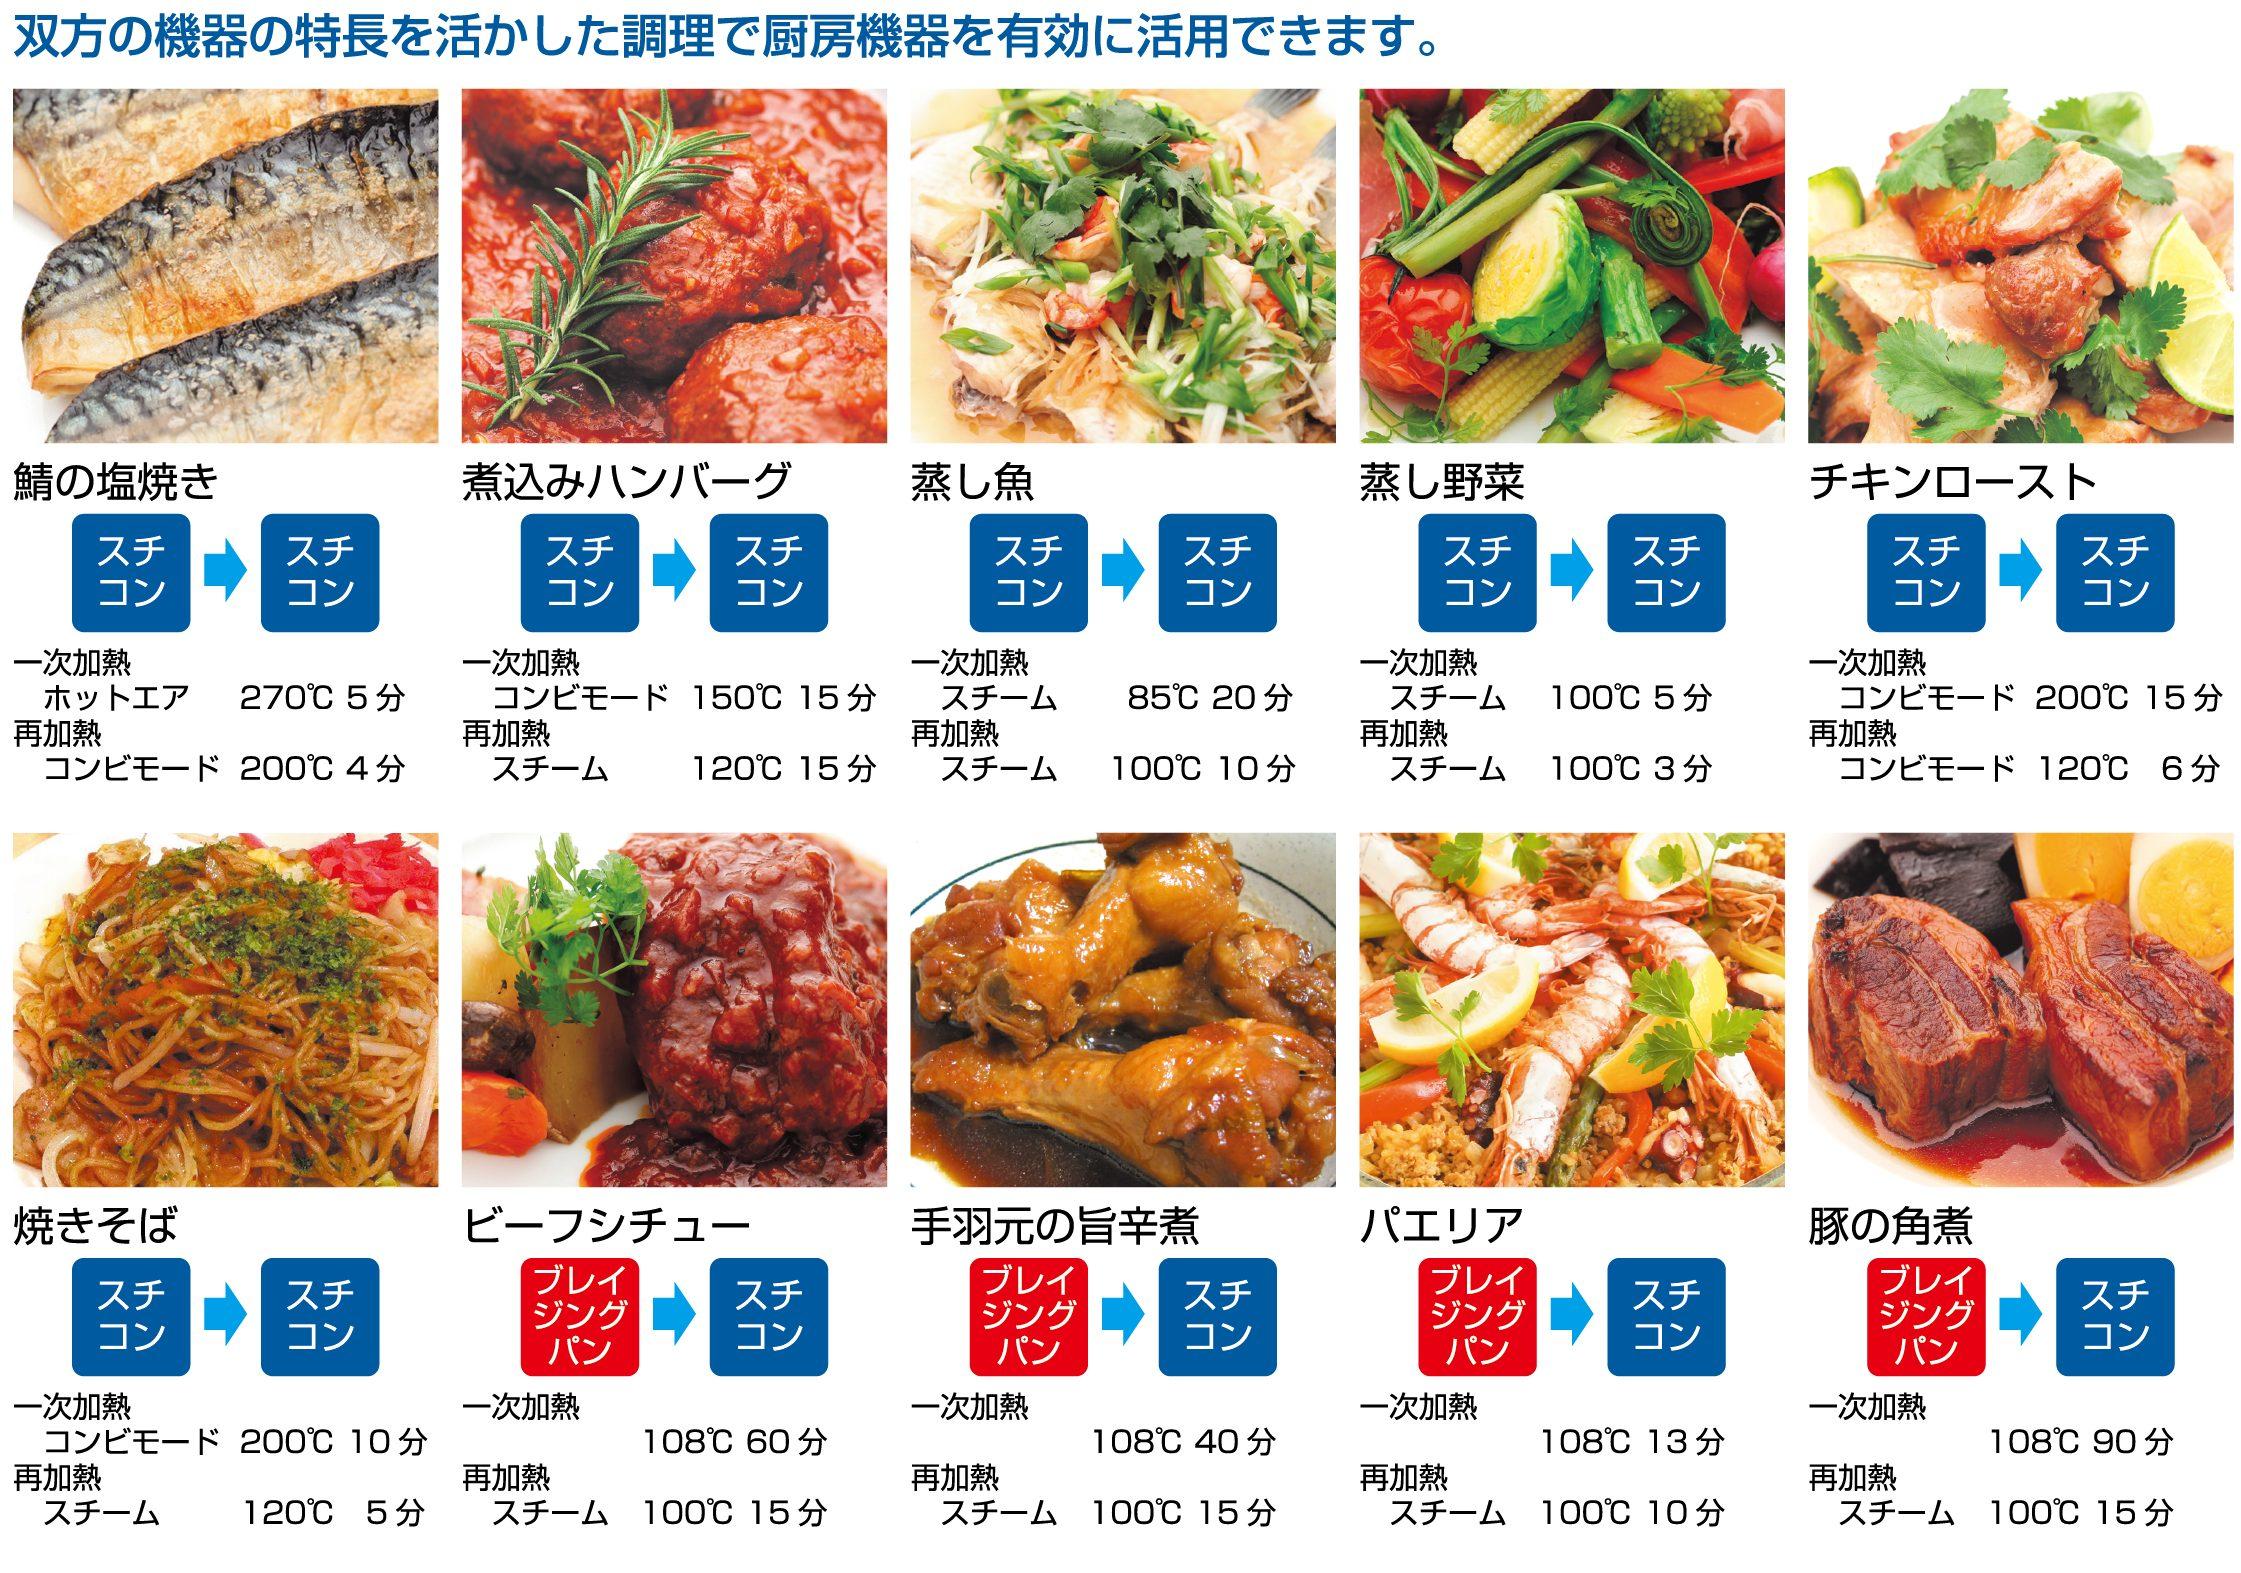 業務用ガスカタログ_社員食堂P2